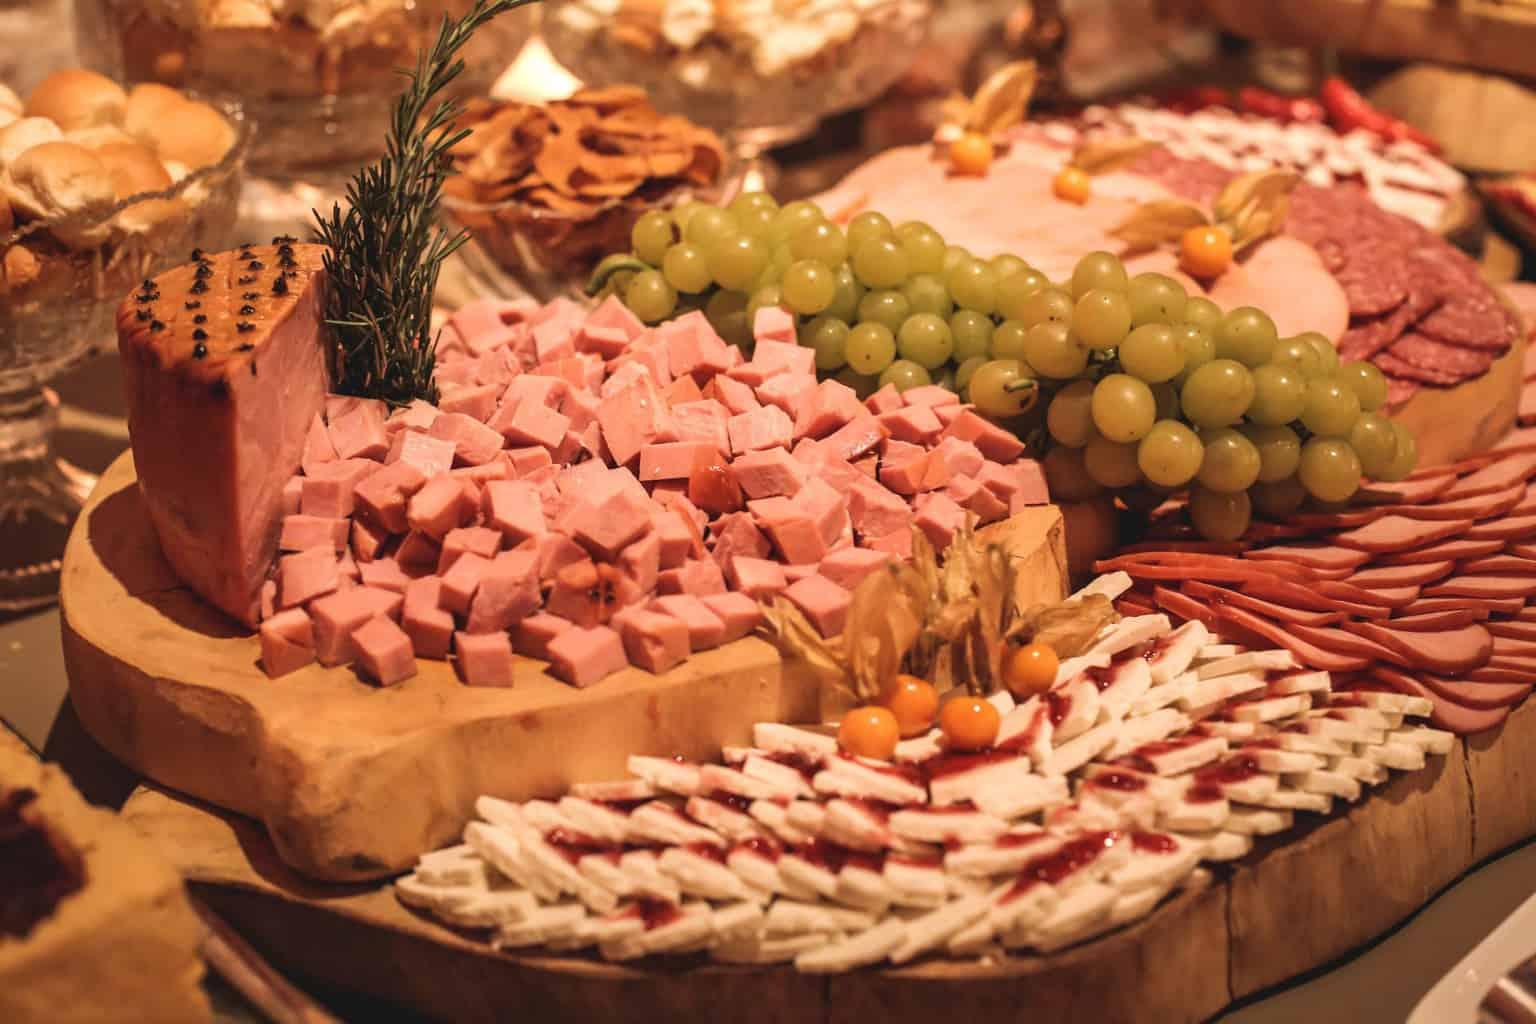 buffet-de-casamento-casamento-Juliana-e-Eduardo-Fotografia-Ricardo-Nascimento-e-Thereza-magno-Usina-dois-irmãos34